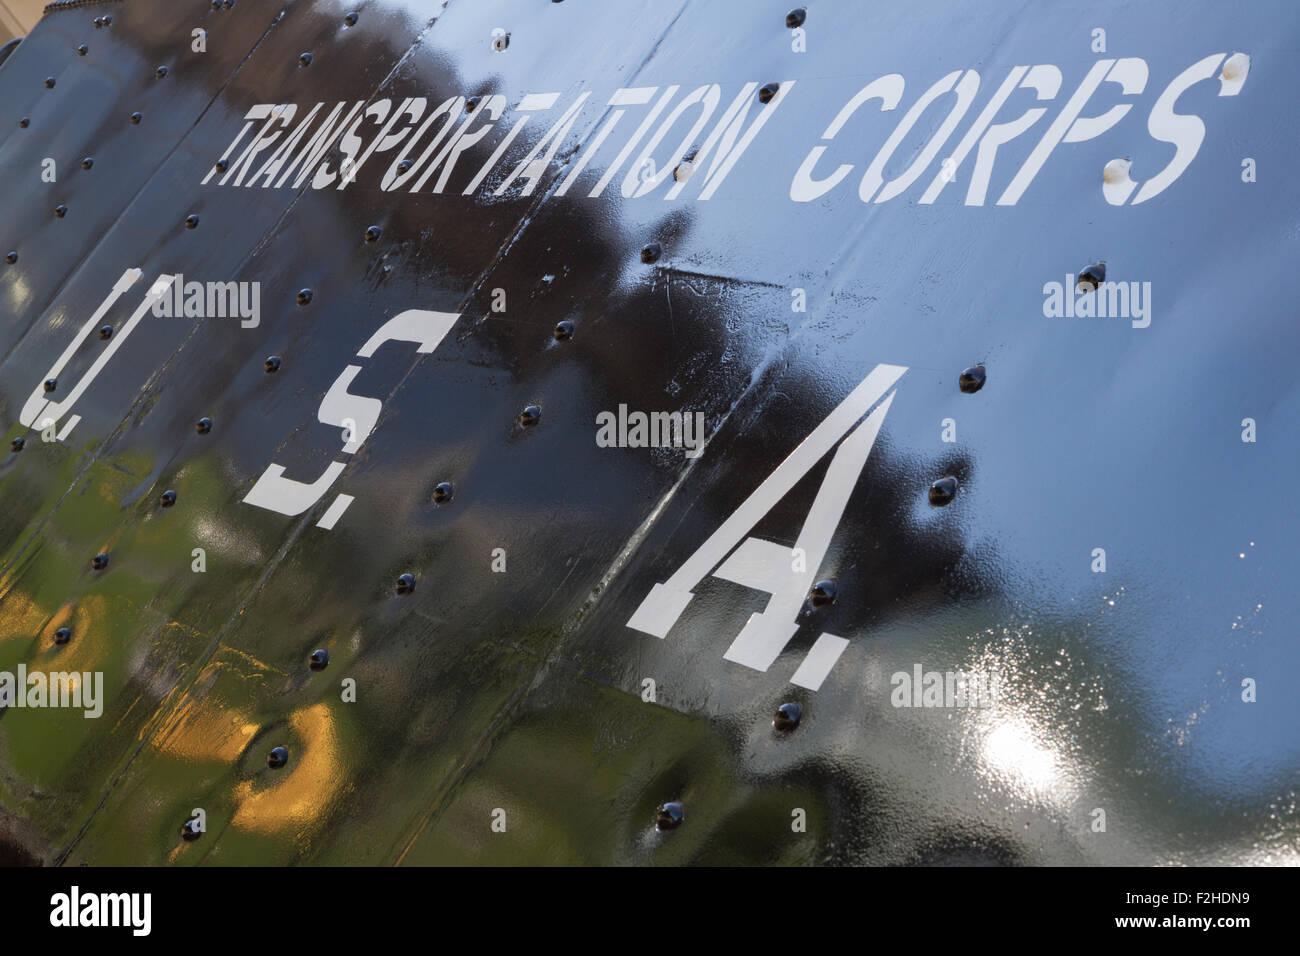 Shildon, County Durham, Reino Unido. El 19 de septiembre, 2015. Temática WWII Otoño Gala en la locomoción de vapor, el Museo Nacional del Ferrocarril en Shildon. S160 2253 - ex transporte US Army Corps locomotora hecha por Baldwins en Filadelfia, Estados Unidos, y enviado a Inglaterra en mayo de 1943. Crédito: Andrew Nicholson/Alamy Live News Foto de stock